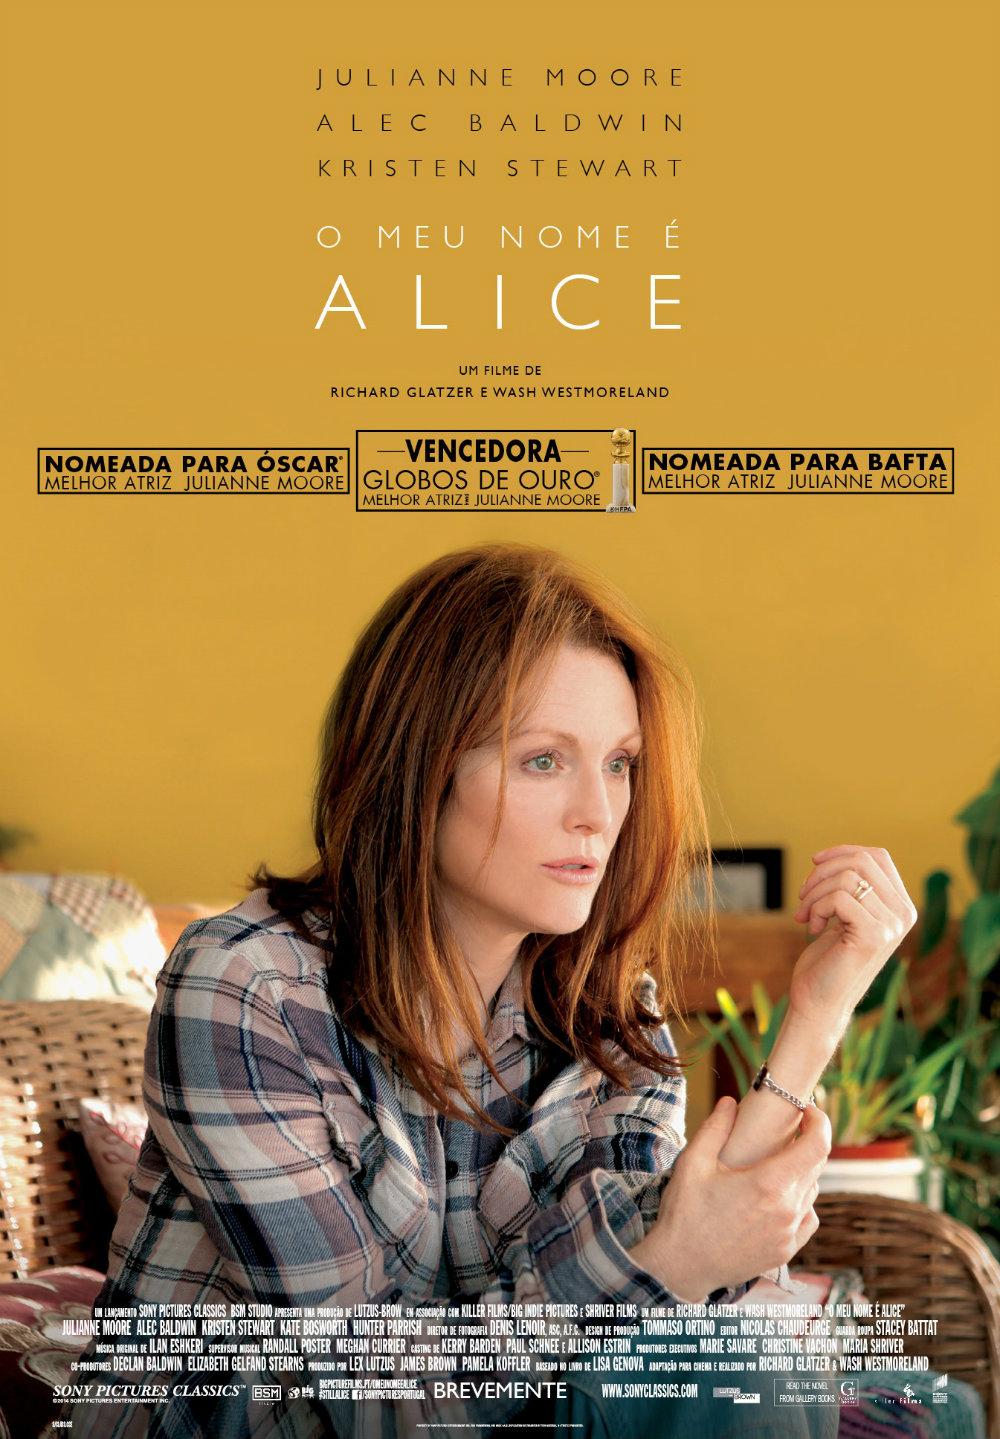 Still Alice - Poster O Meu Nome é Alice